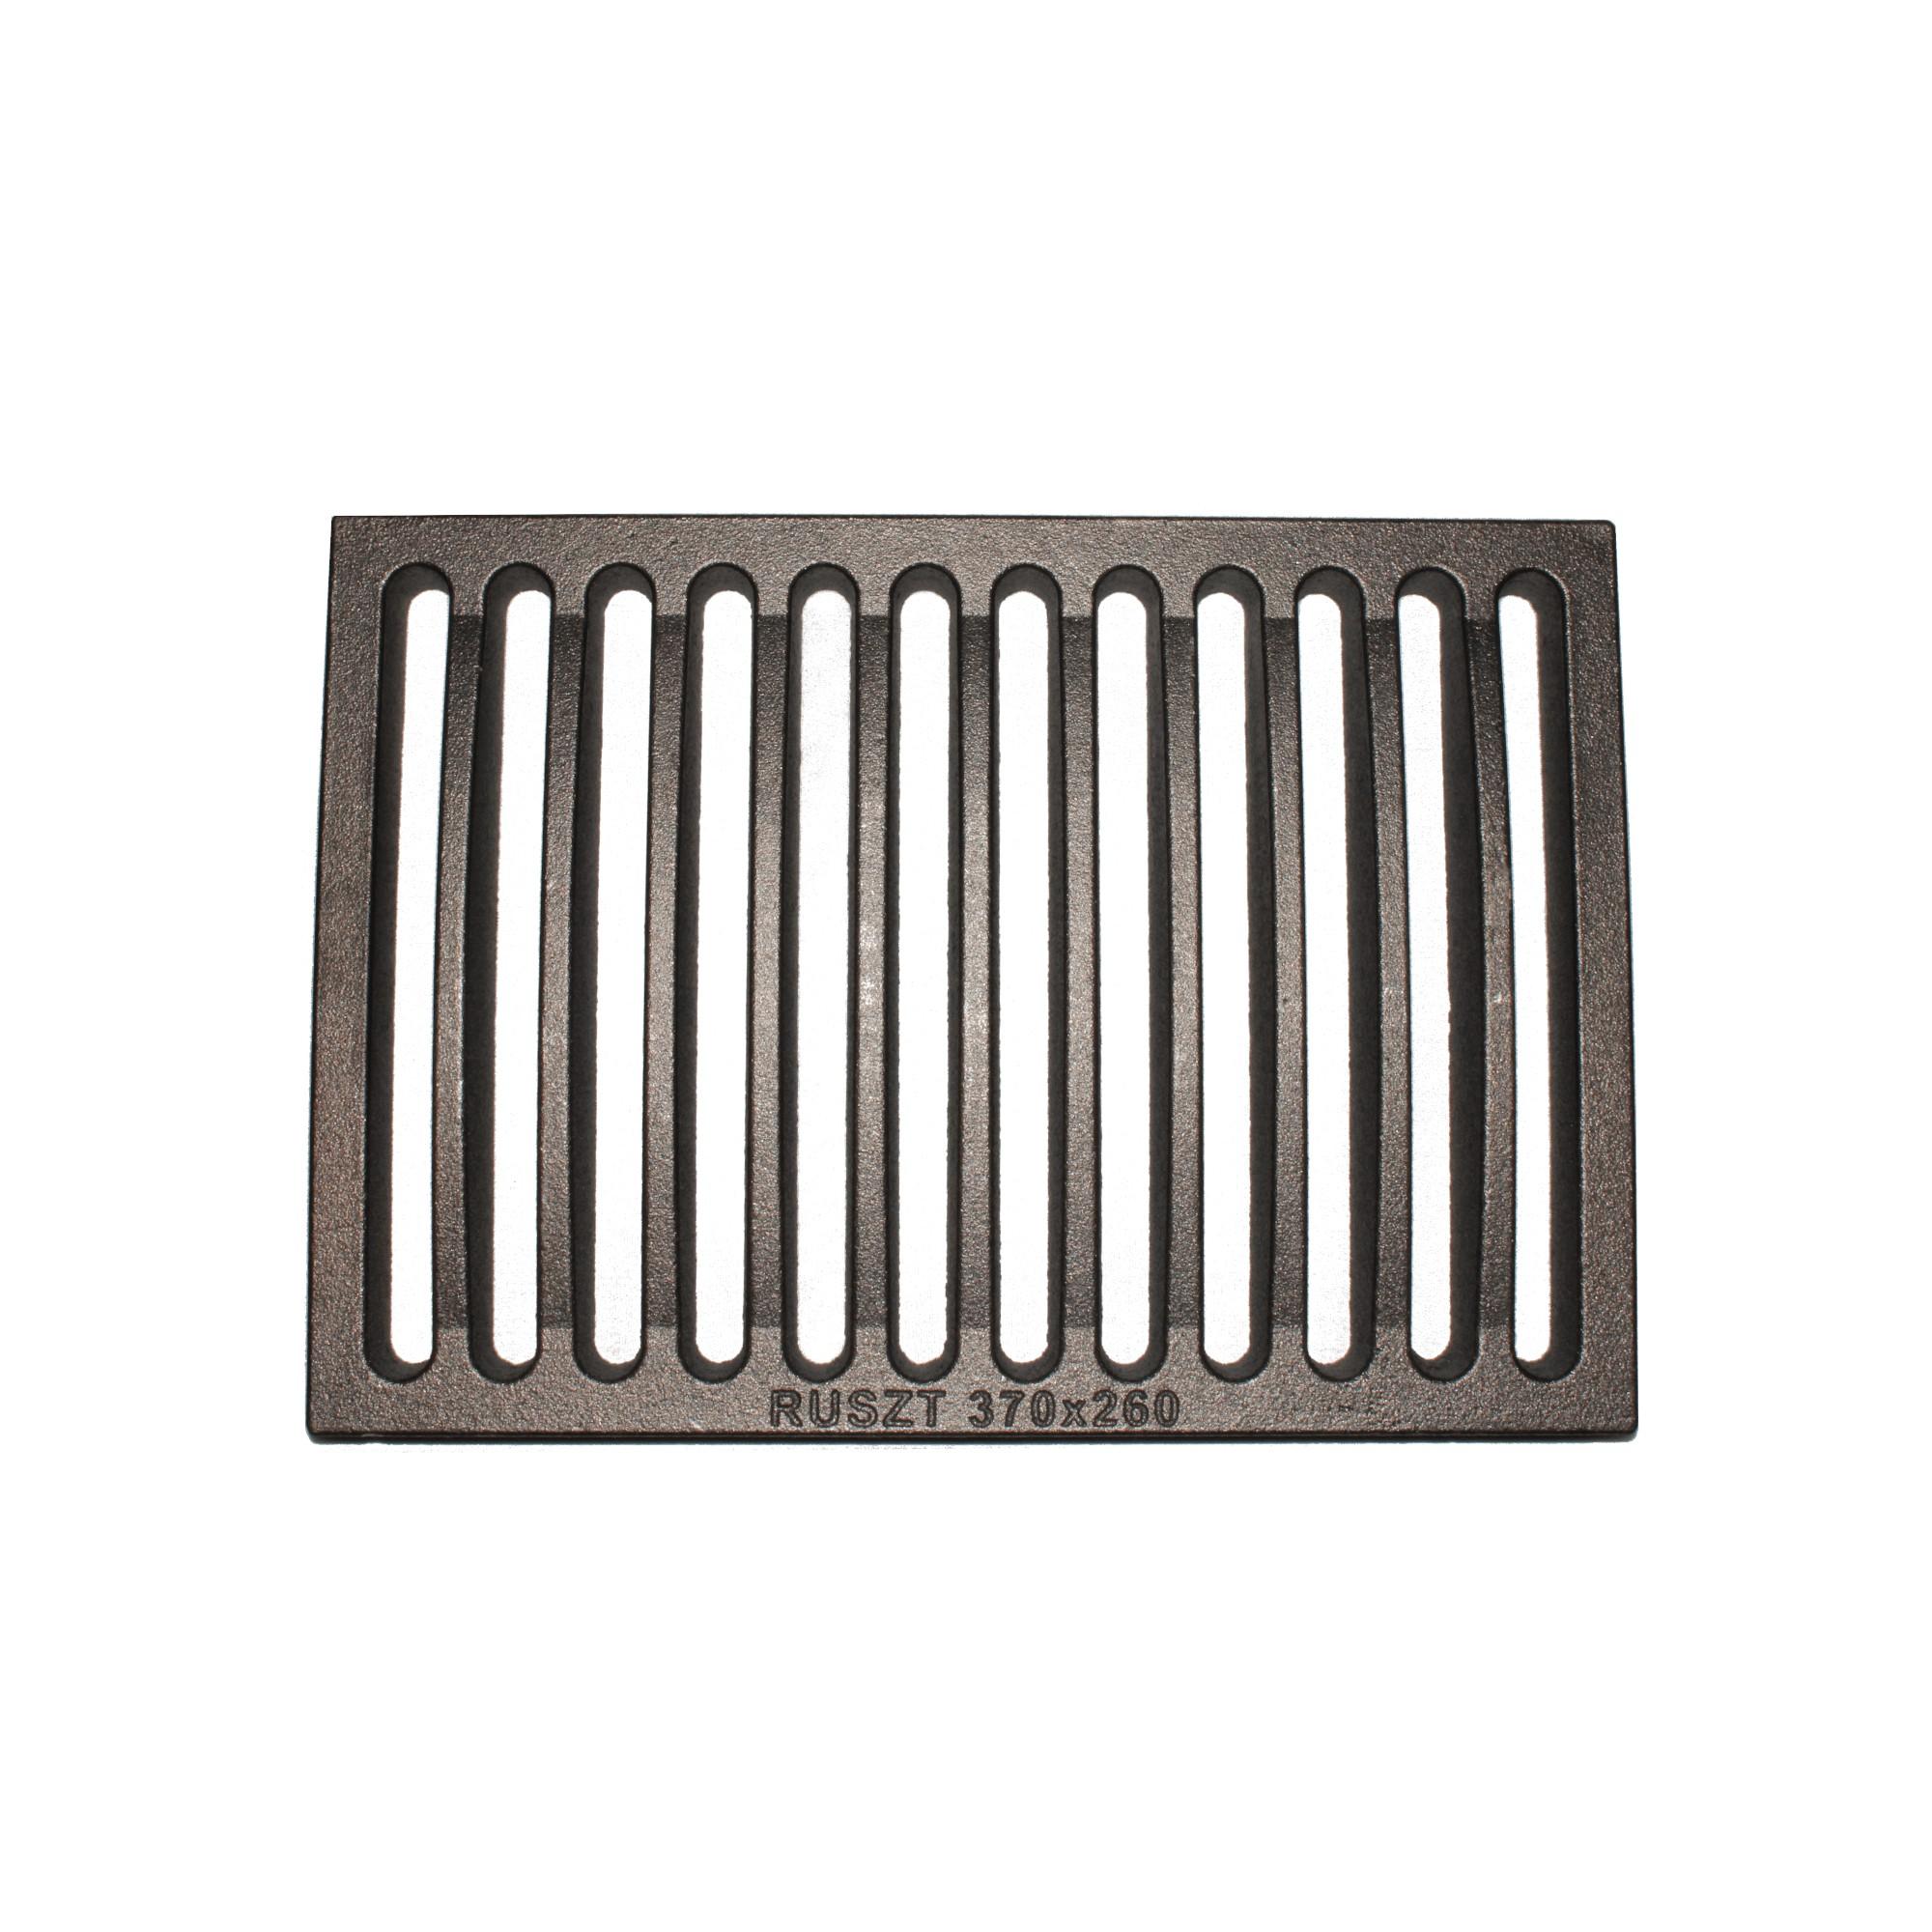 Ruszt żeliwny zespolony 26x37 cm do kominka Lechma PL190 -1